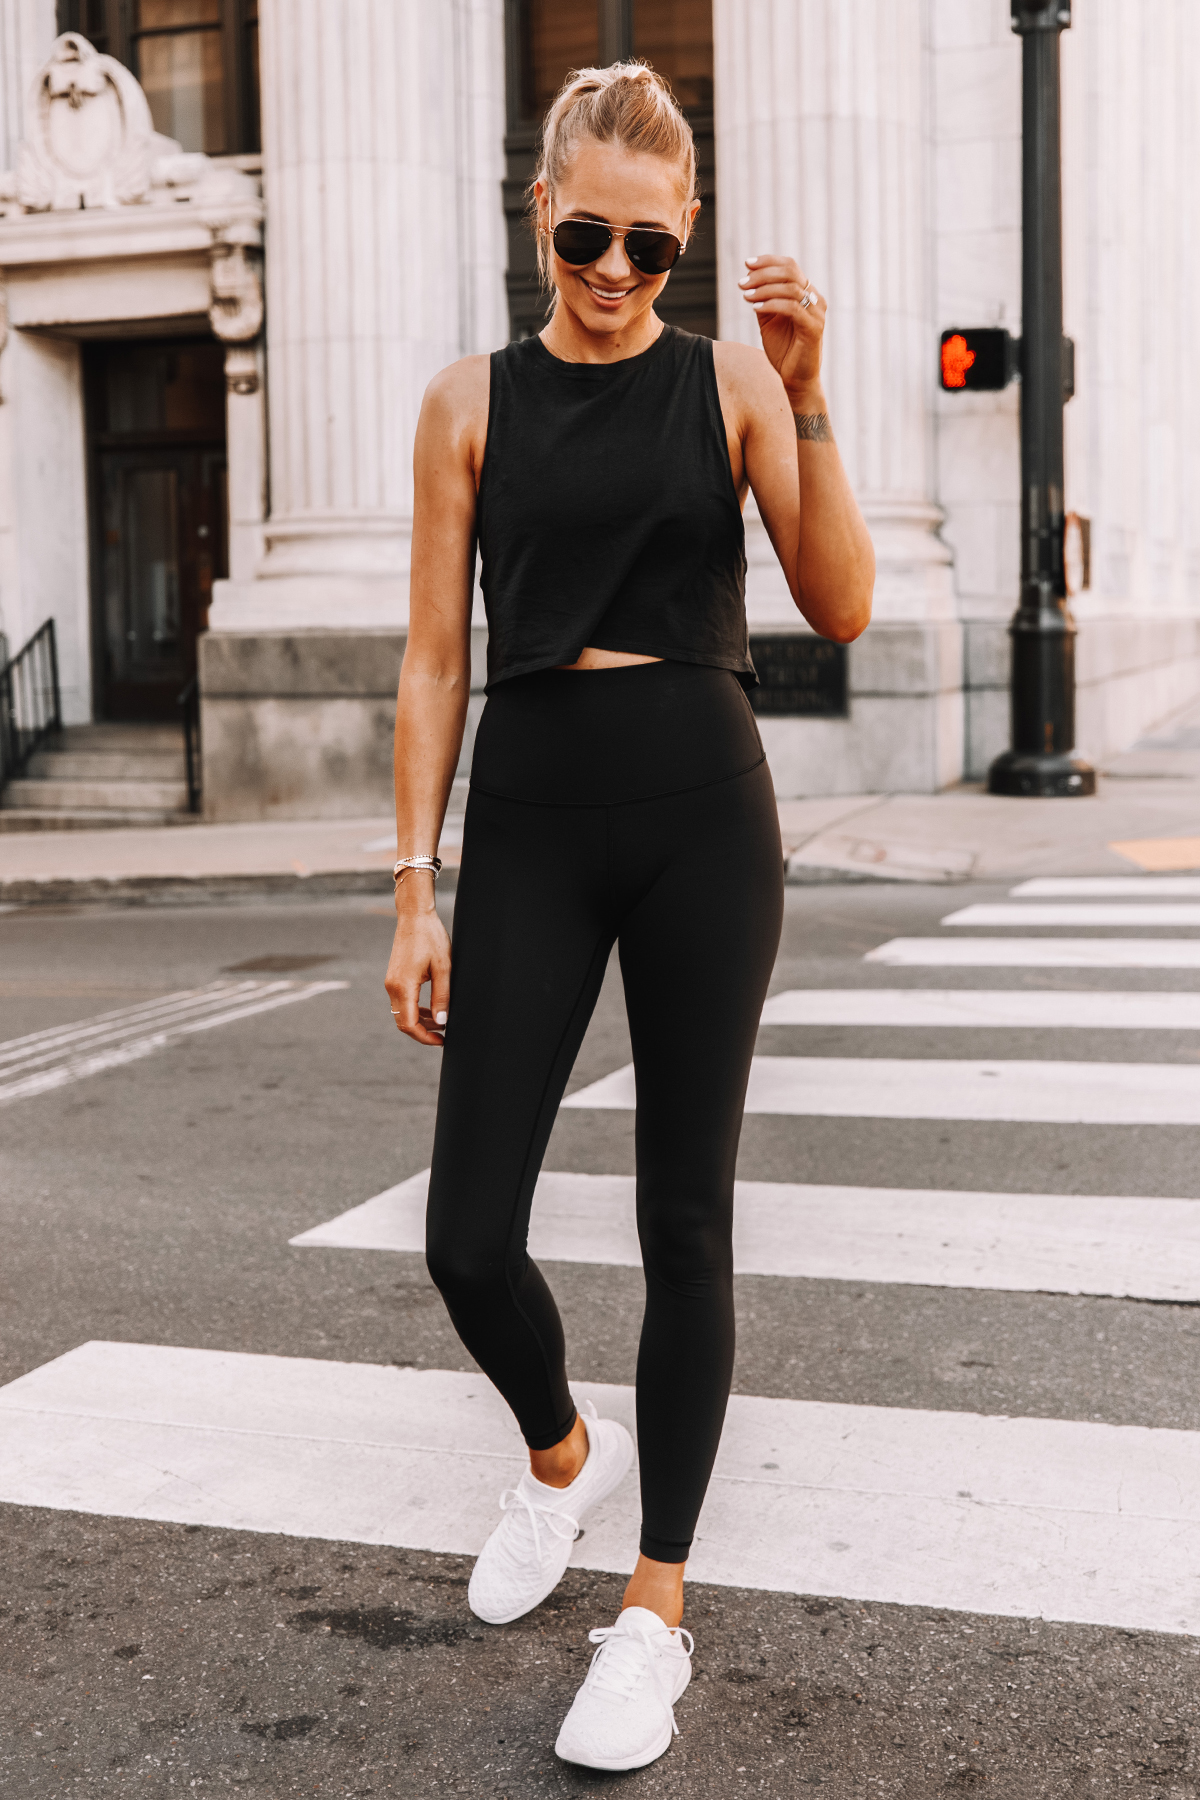 Fashion Jackson Wearing lululemon Black Tank Black Leggings White Sneakers 2